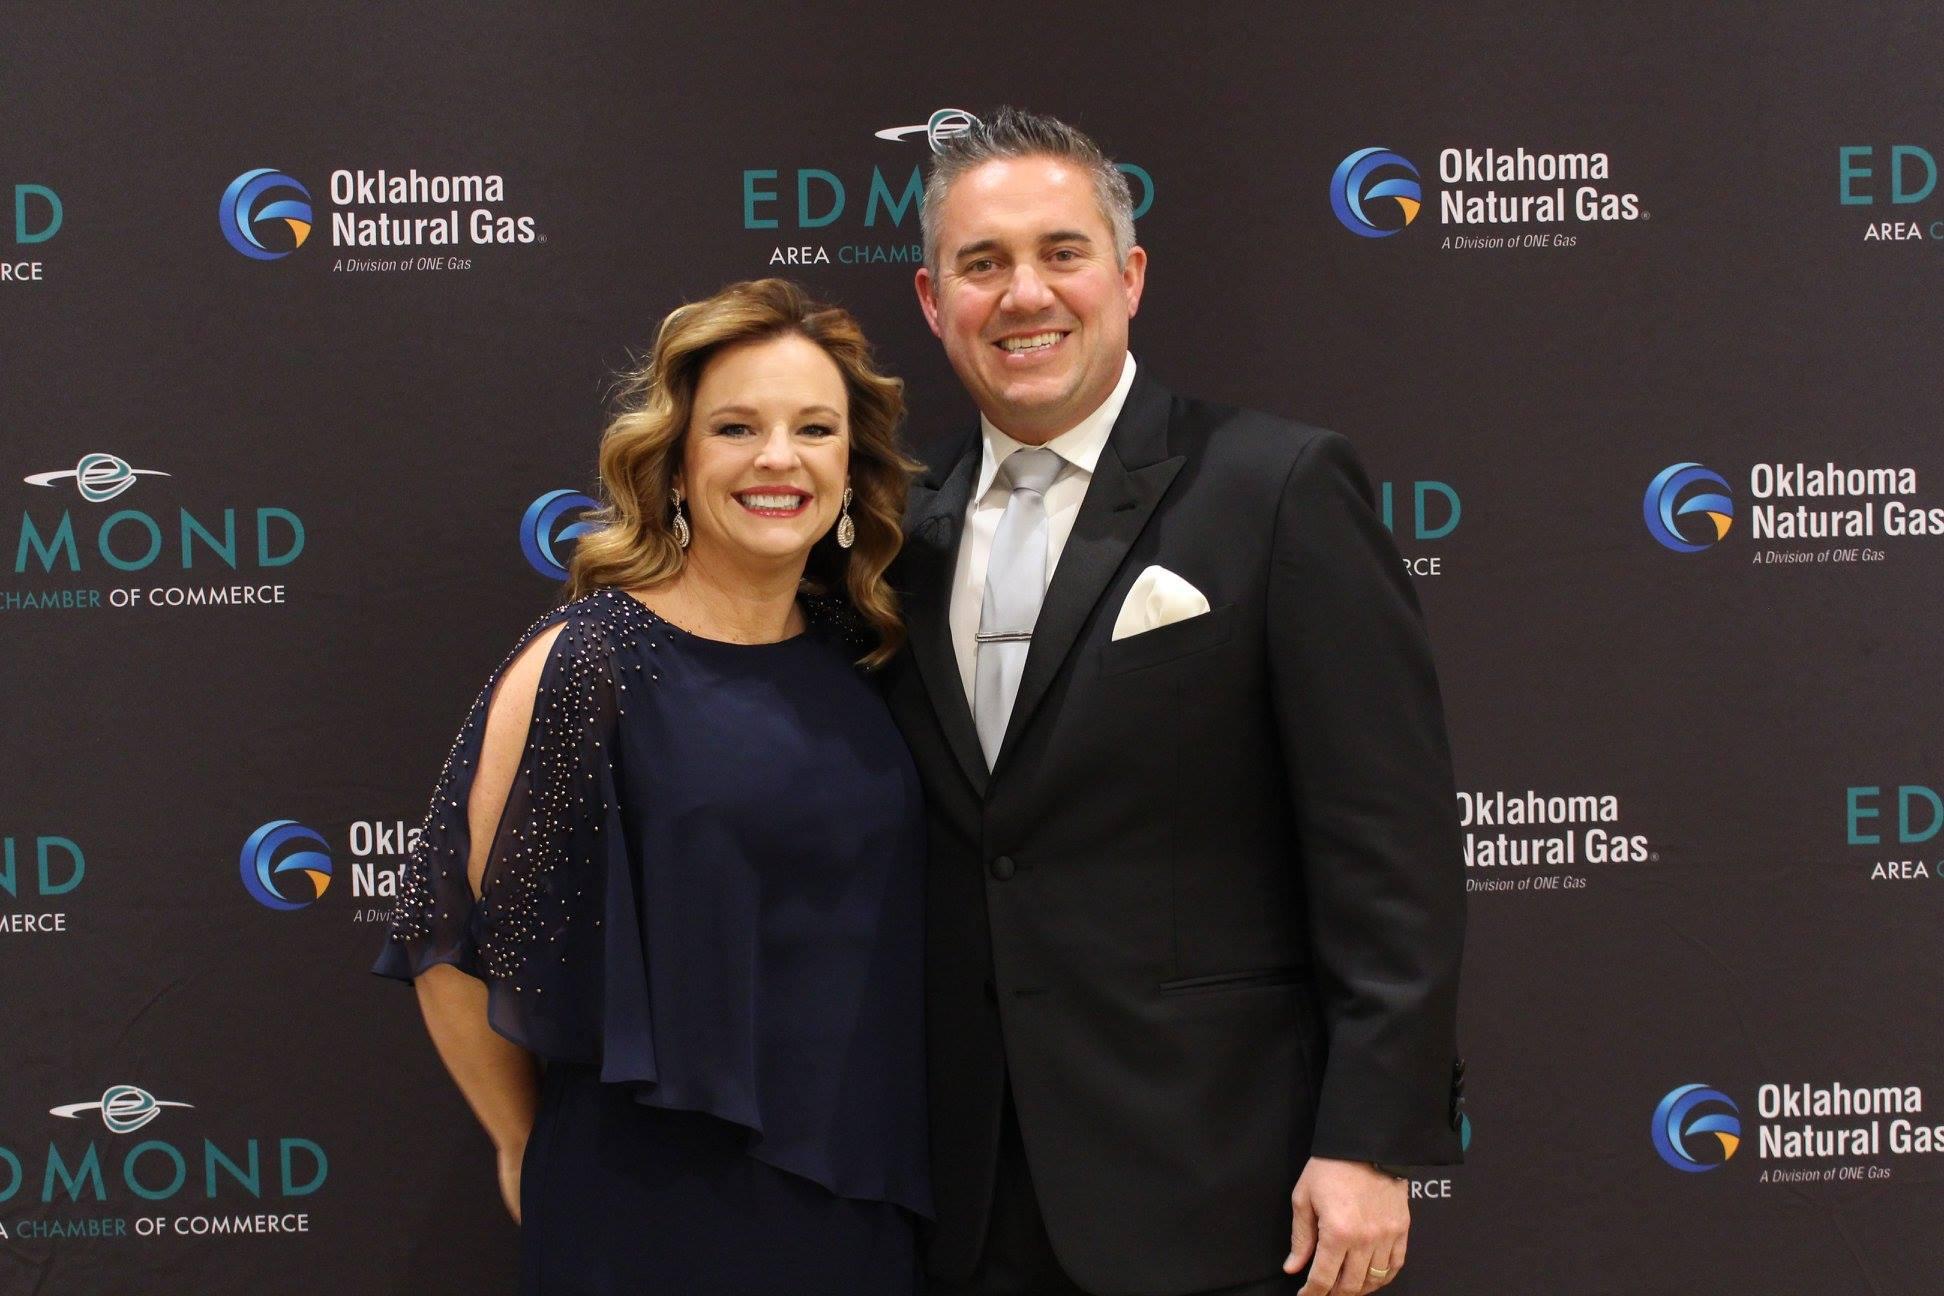 Aaron Owen with wife Megan